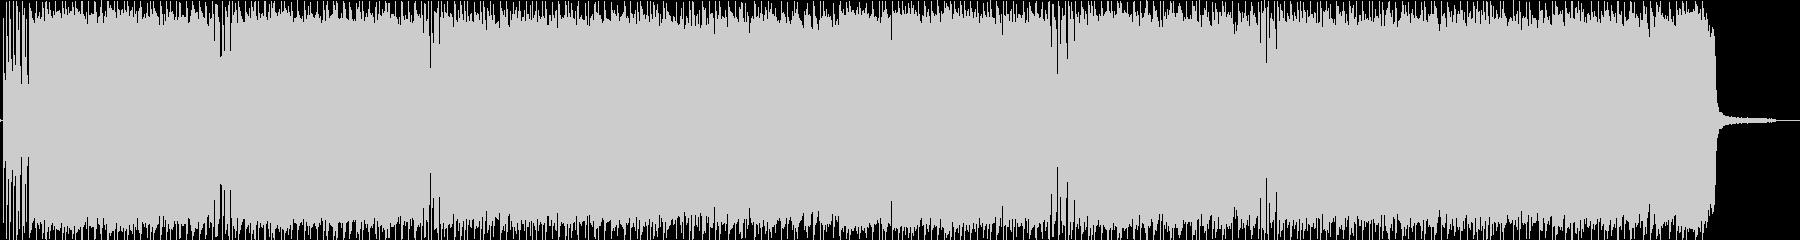 軽快なギターロックBGM 生演奏!の未再生の波形